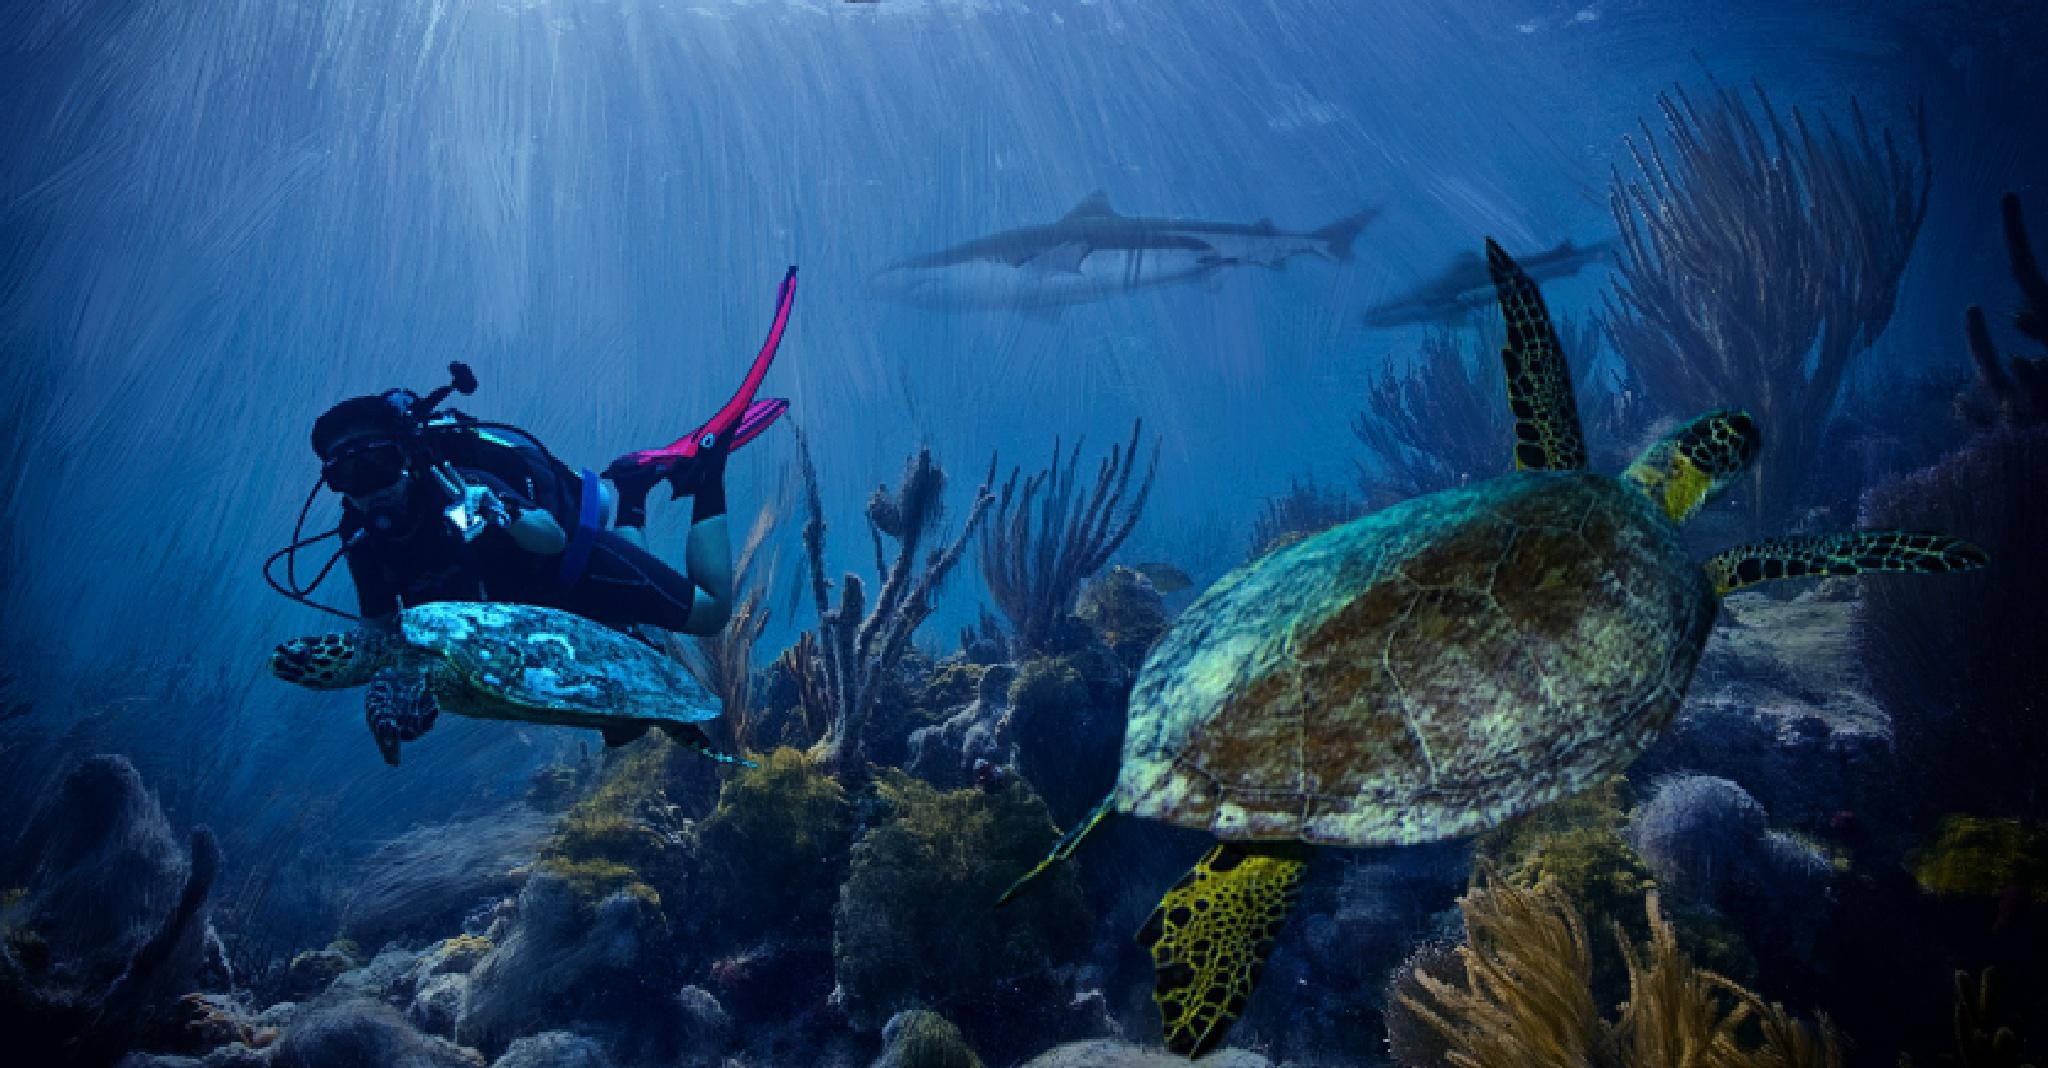 Underwater world  by nurvita dewi